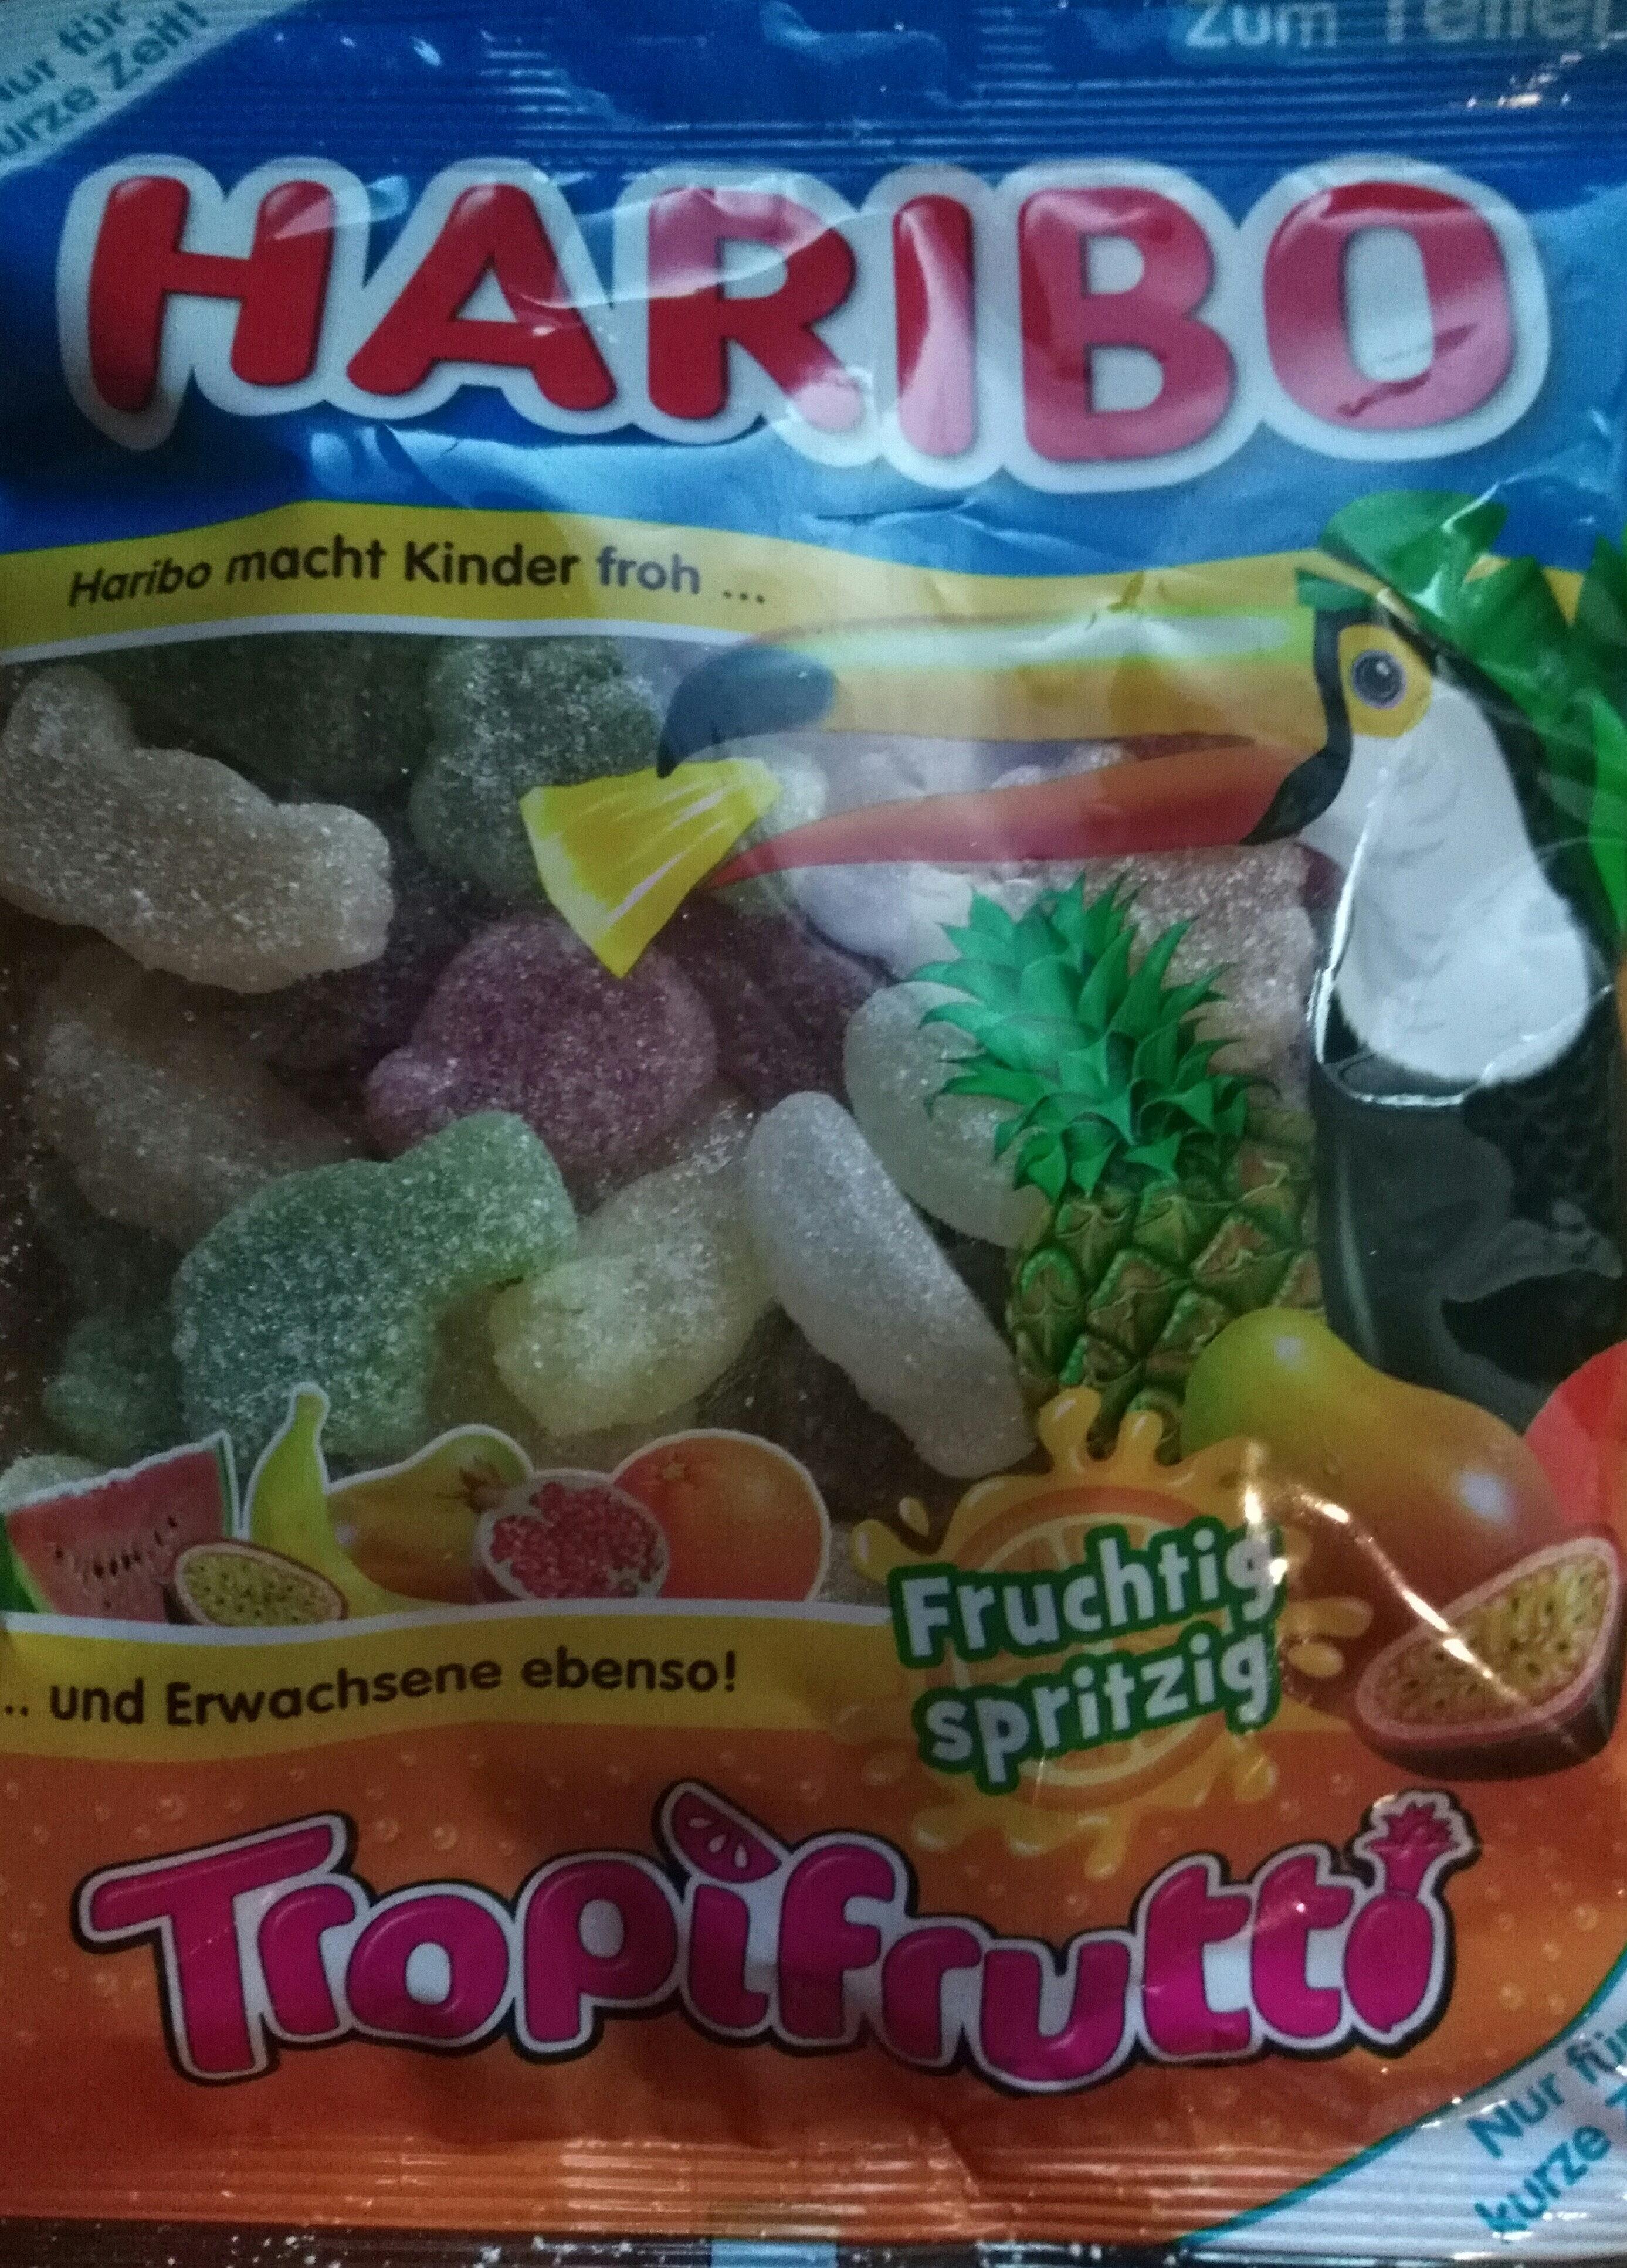 Tropicofrutti - Product